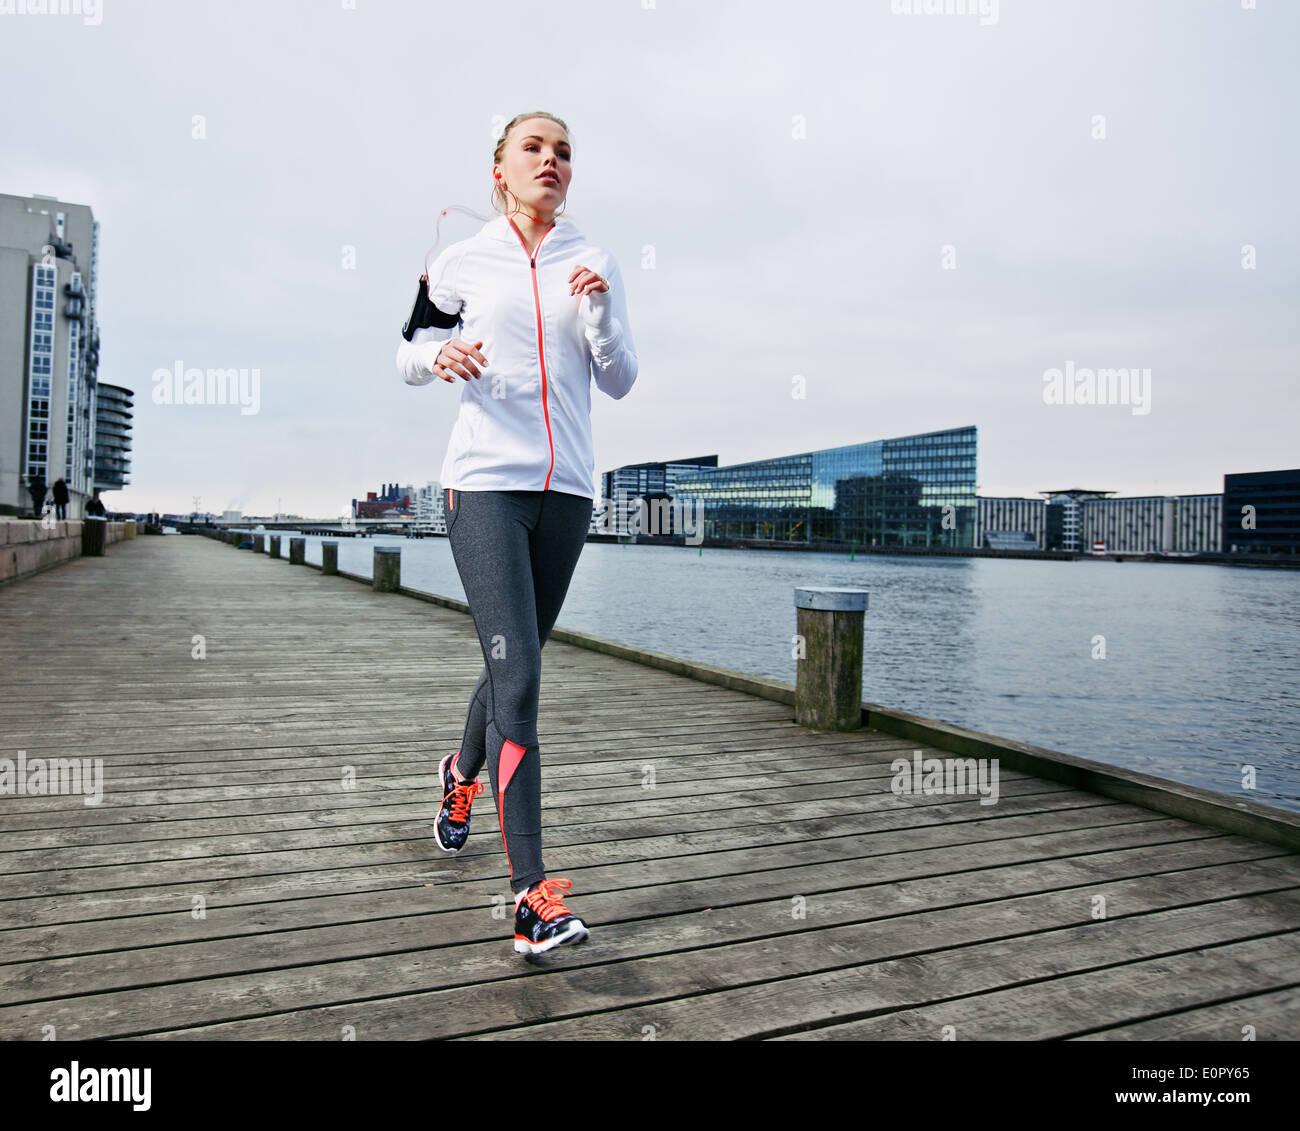 Femminile di formazione al di fuori. Caucasian atleta femminile di jogging sul lungomare lungo il fiume nella citta'. Montare la giovane donna in esecuzione. Immagini Stock